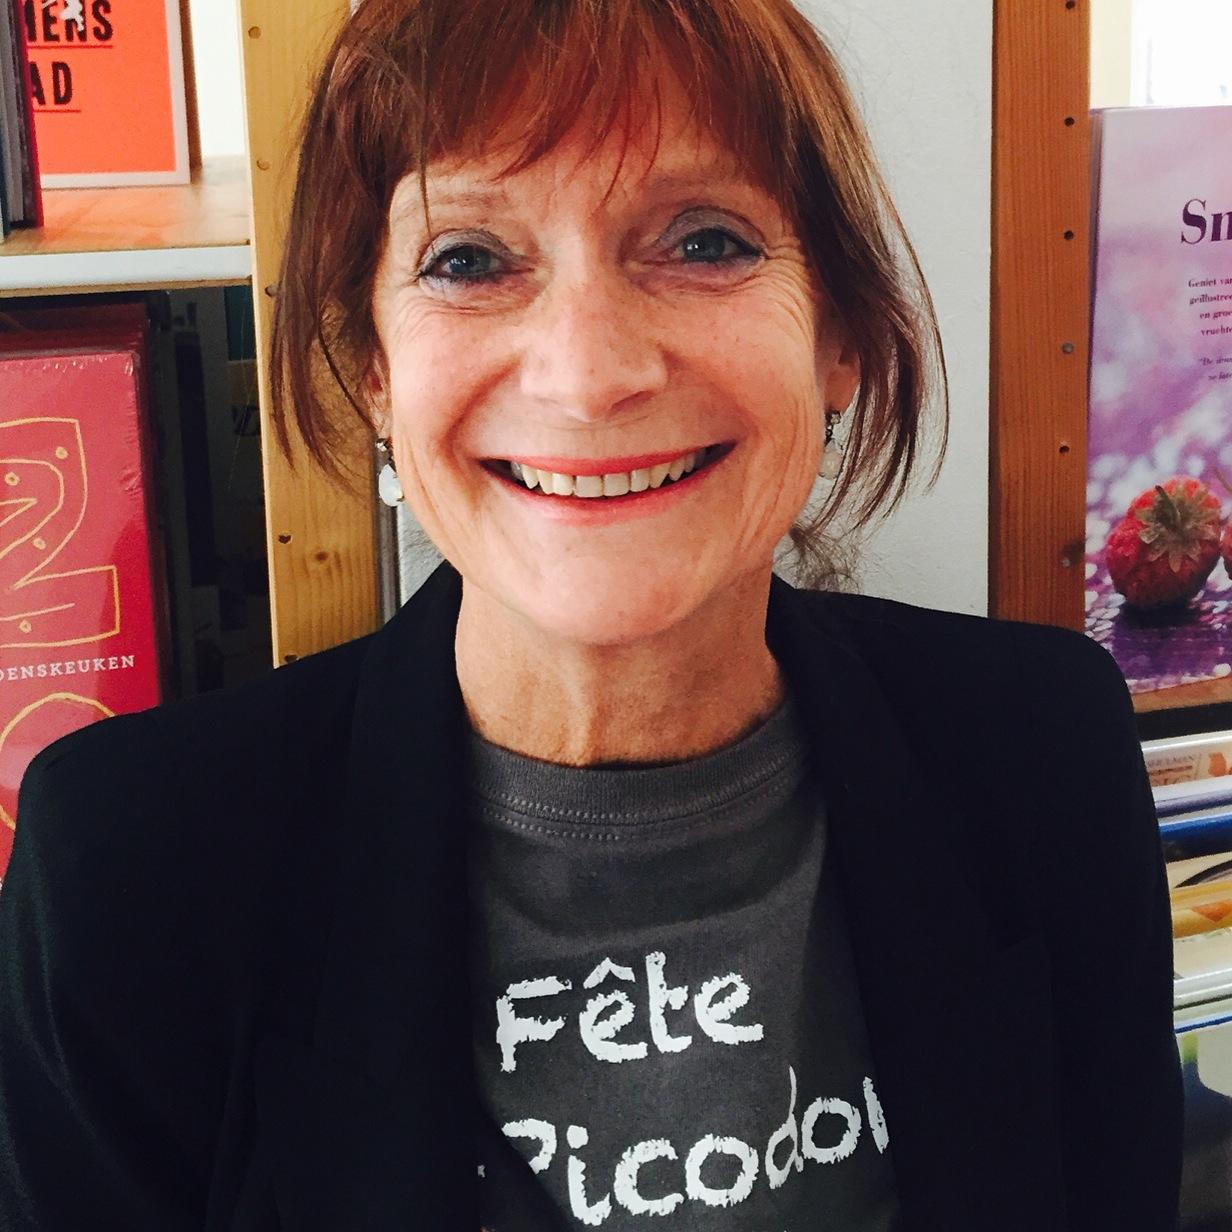 Marianne Meijerink